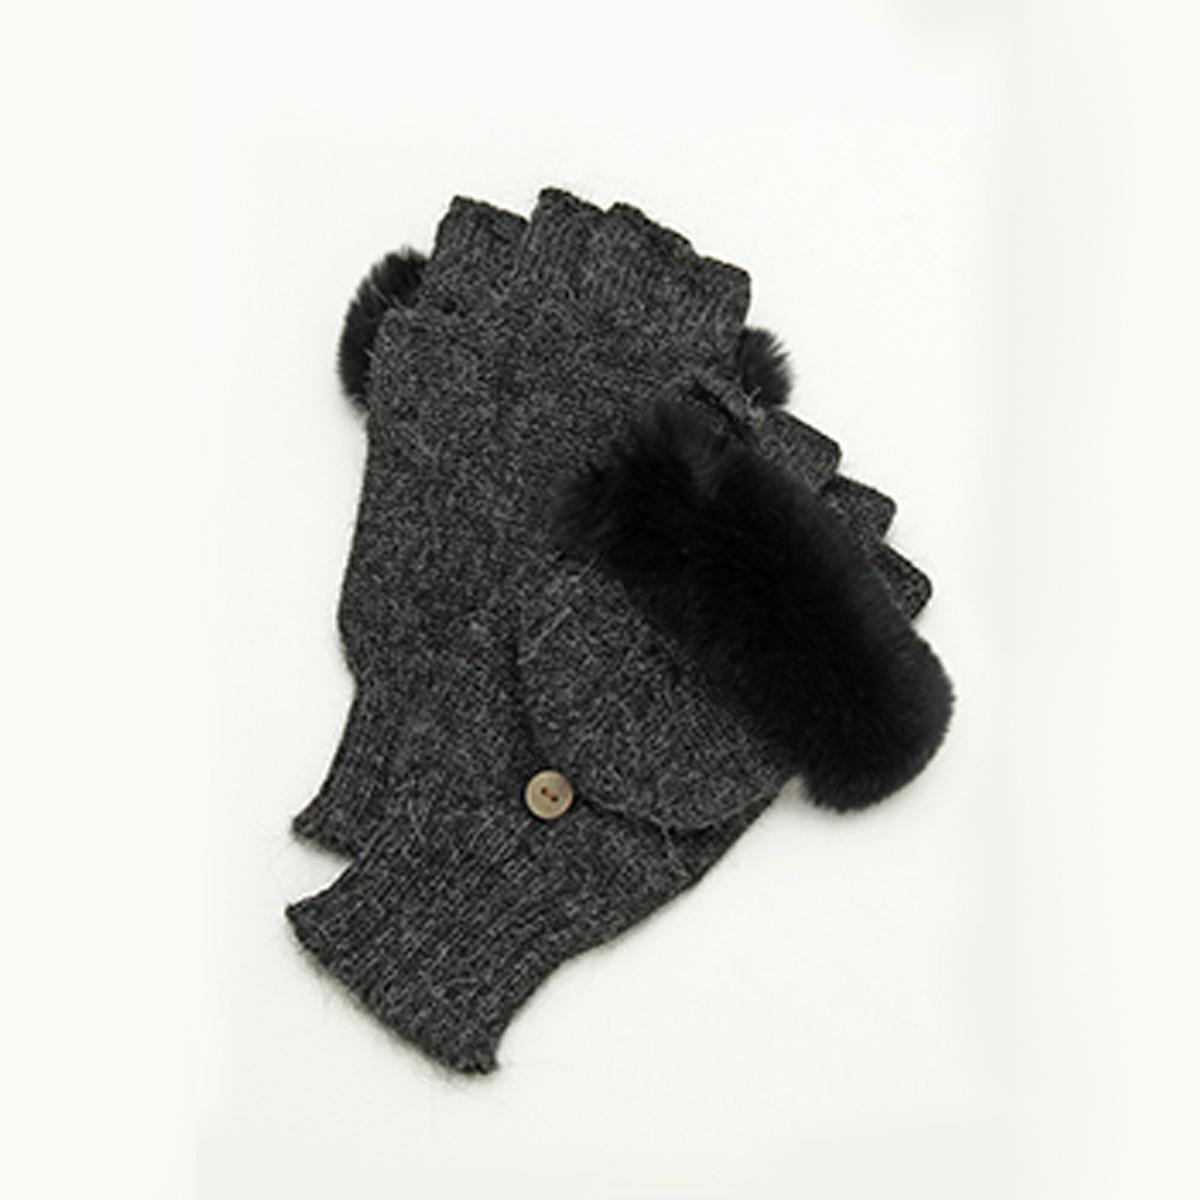 DAKS ラビットファー フード付き 2WAYミトン アルパカ100%ニット レディース手袋 フリーサイズ 全4色